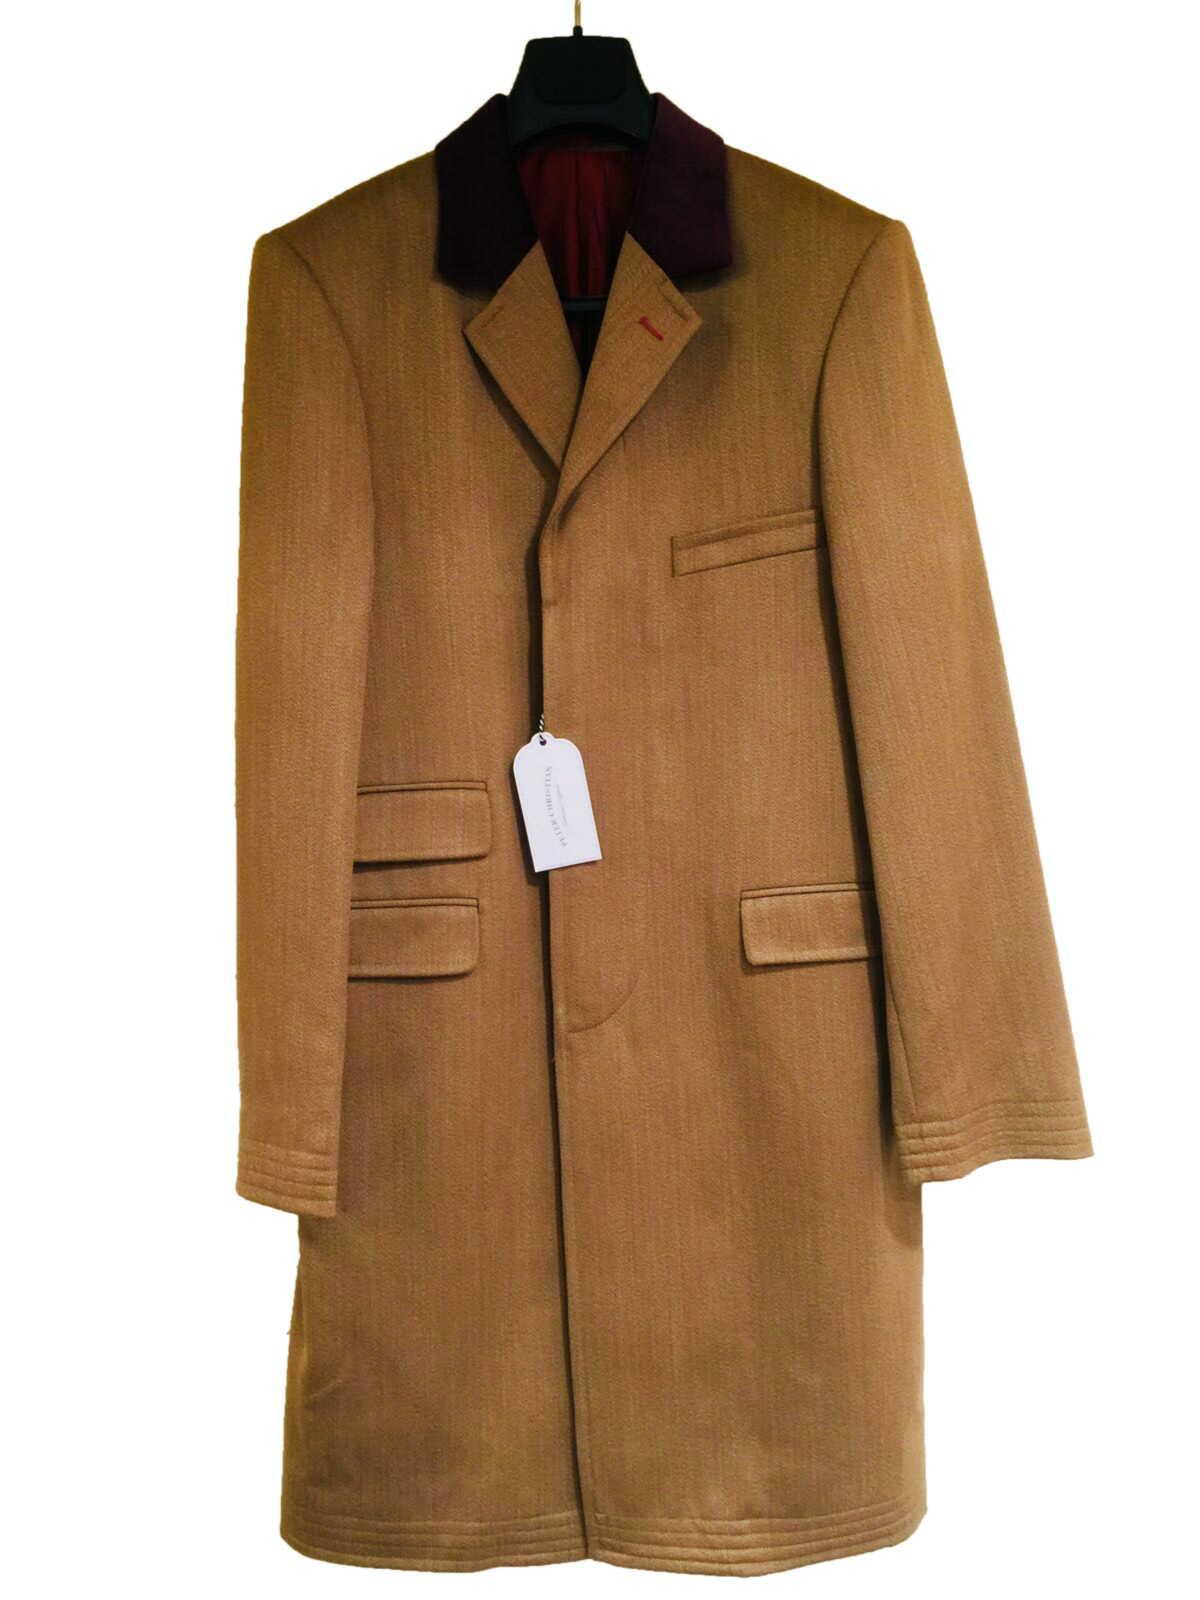 カバートコー ト メンズ 紳士 英国製 PeterChristian Covertcoat ピータークリスチャン Wool ウール Tan 狩猟 乗馬 サイズ選択 E199